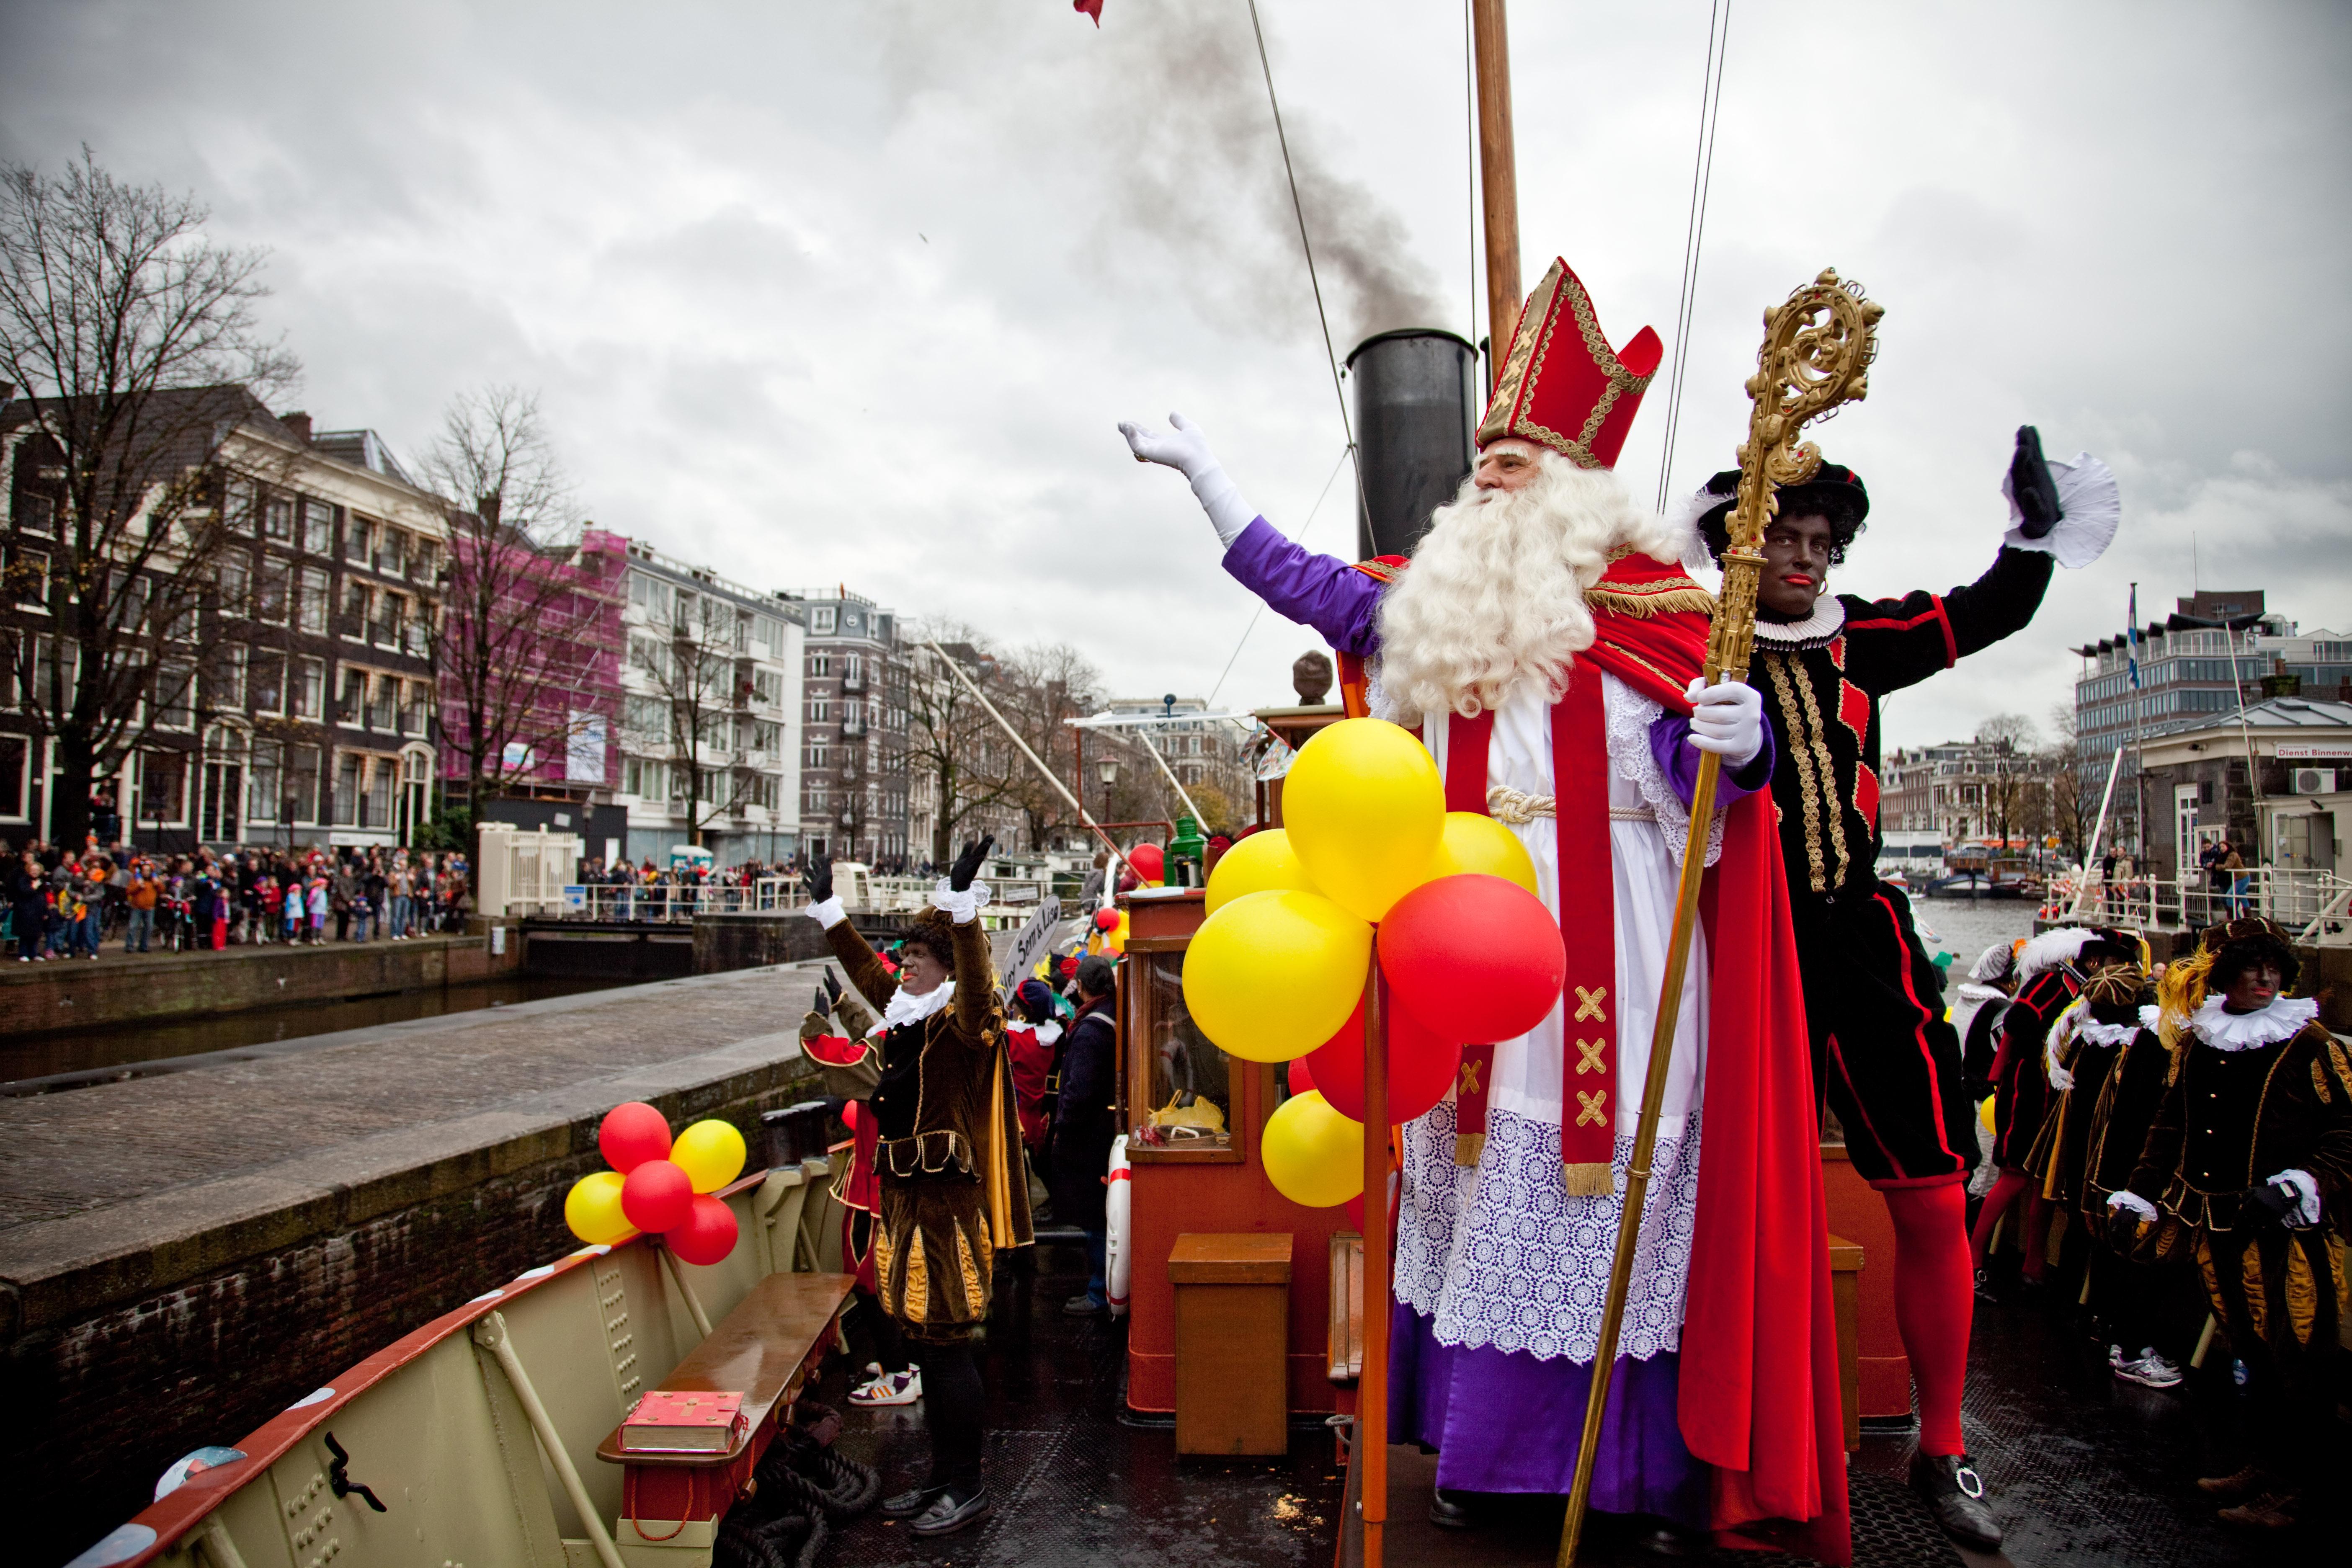 到此一游丨荷兰圣尼古拉斯节,小朋友的狂欢_中欧新闻_欧洲中文网